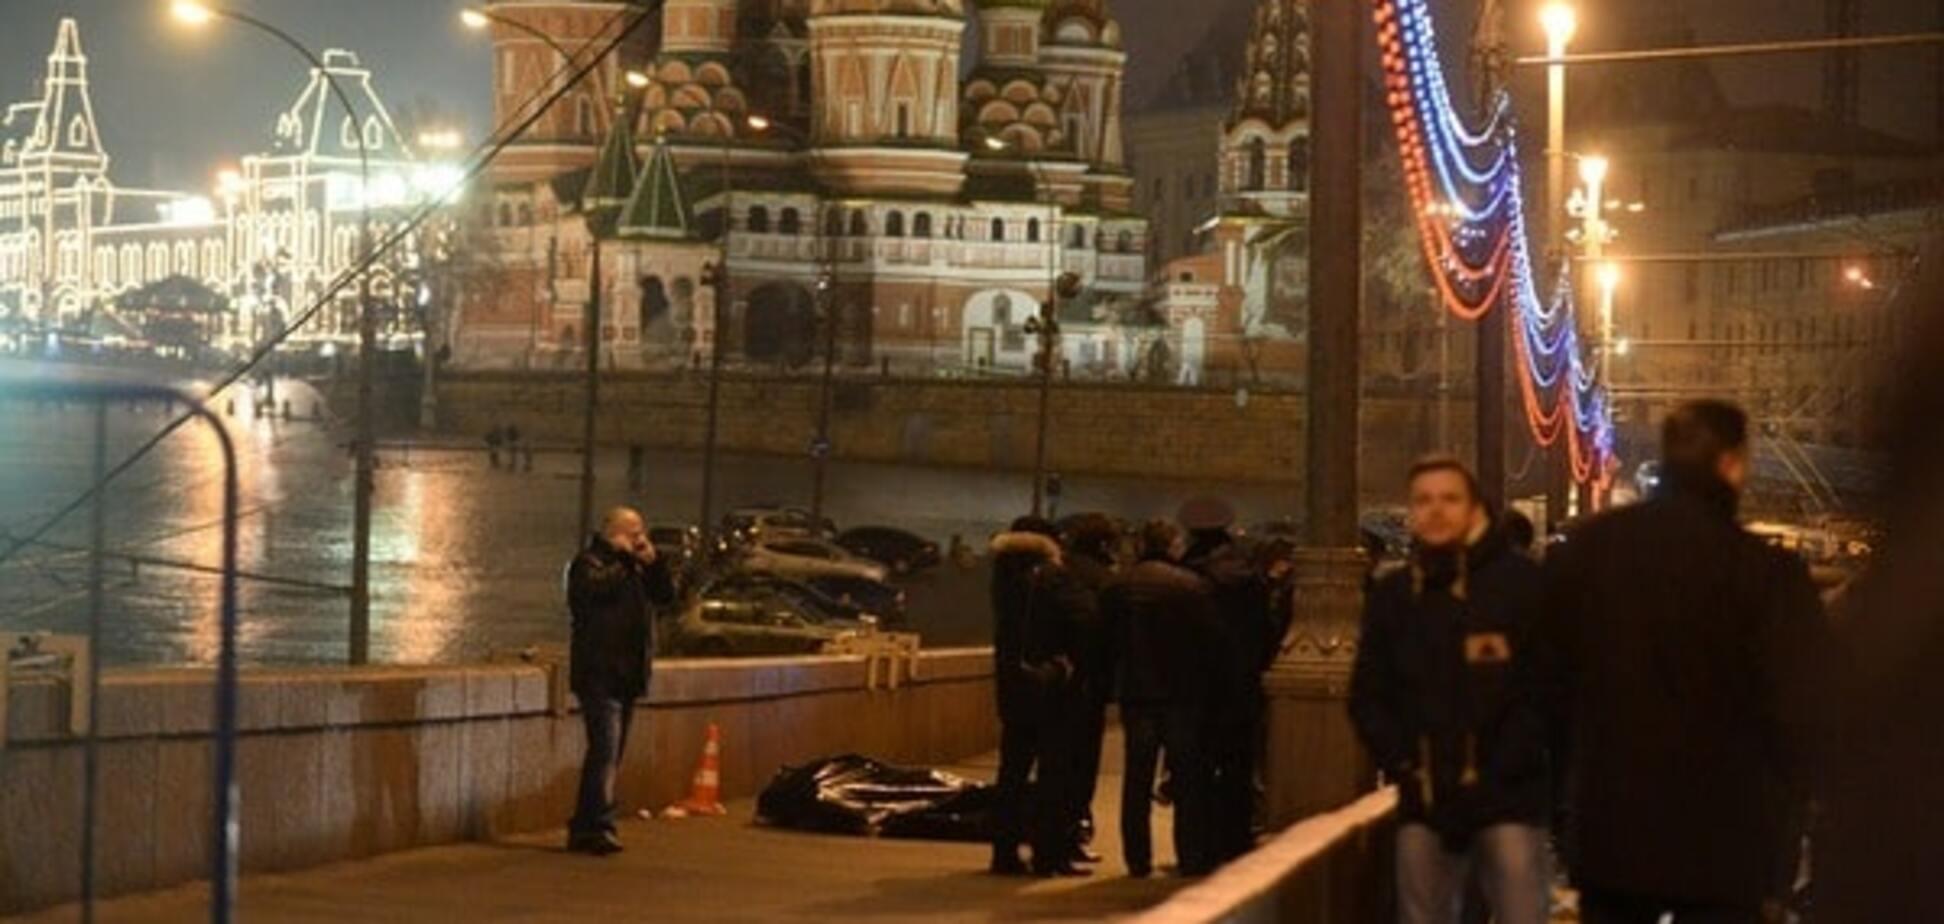 Альбац: дело Немцова раскроют, когда уйдут нынешние власти России